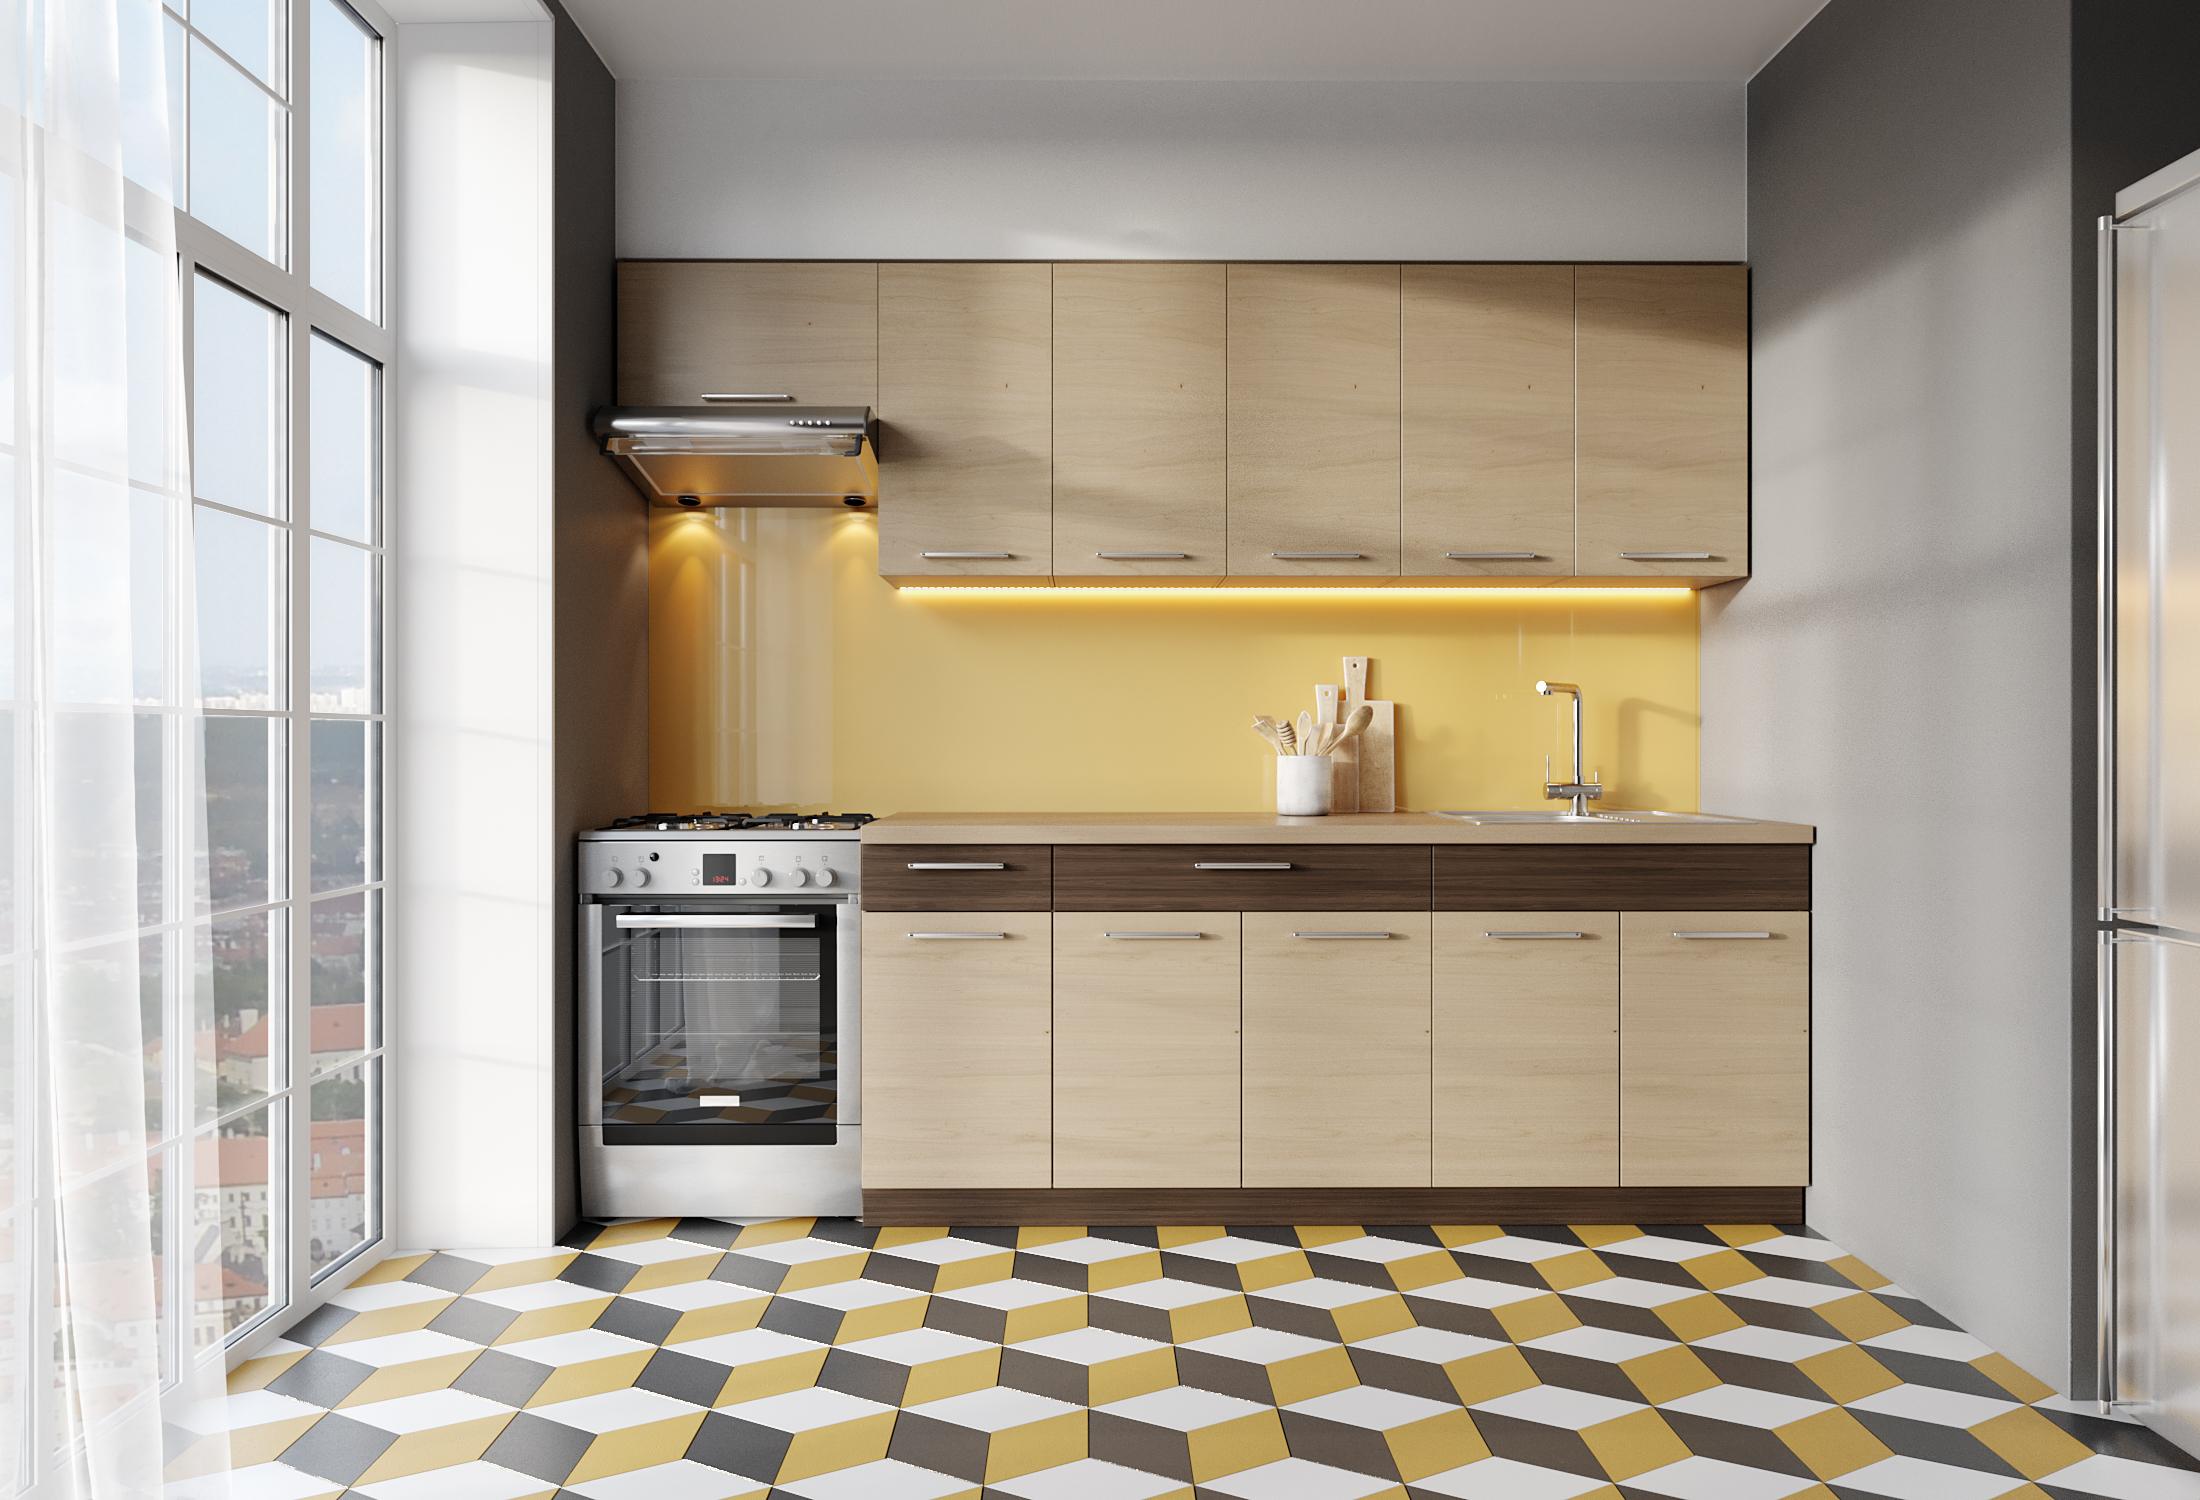 Kuchyně MODENA 200/260 cm, rijeka světlá